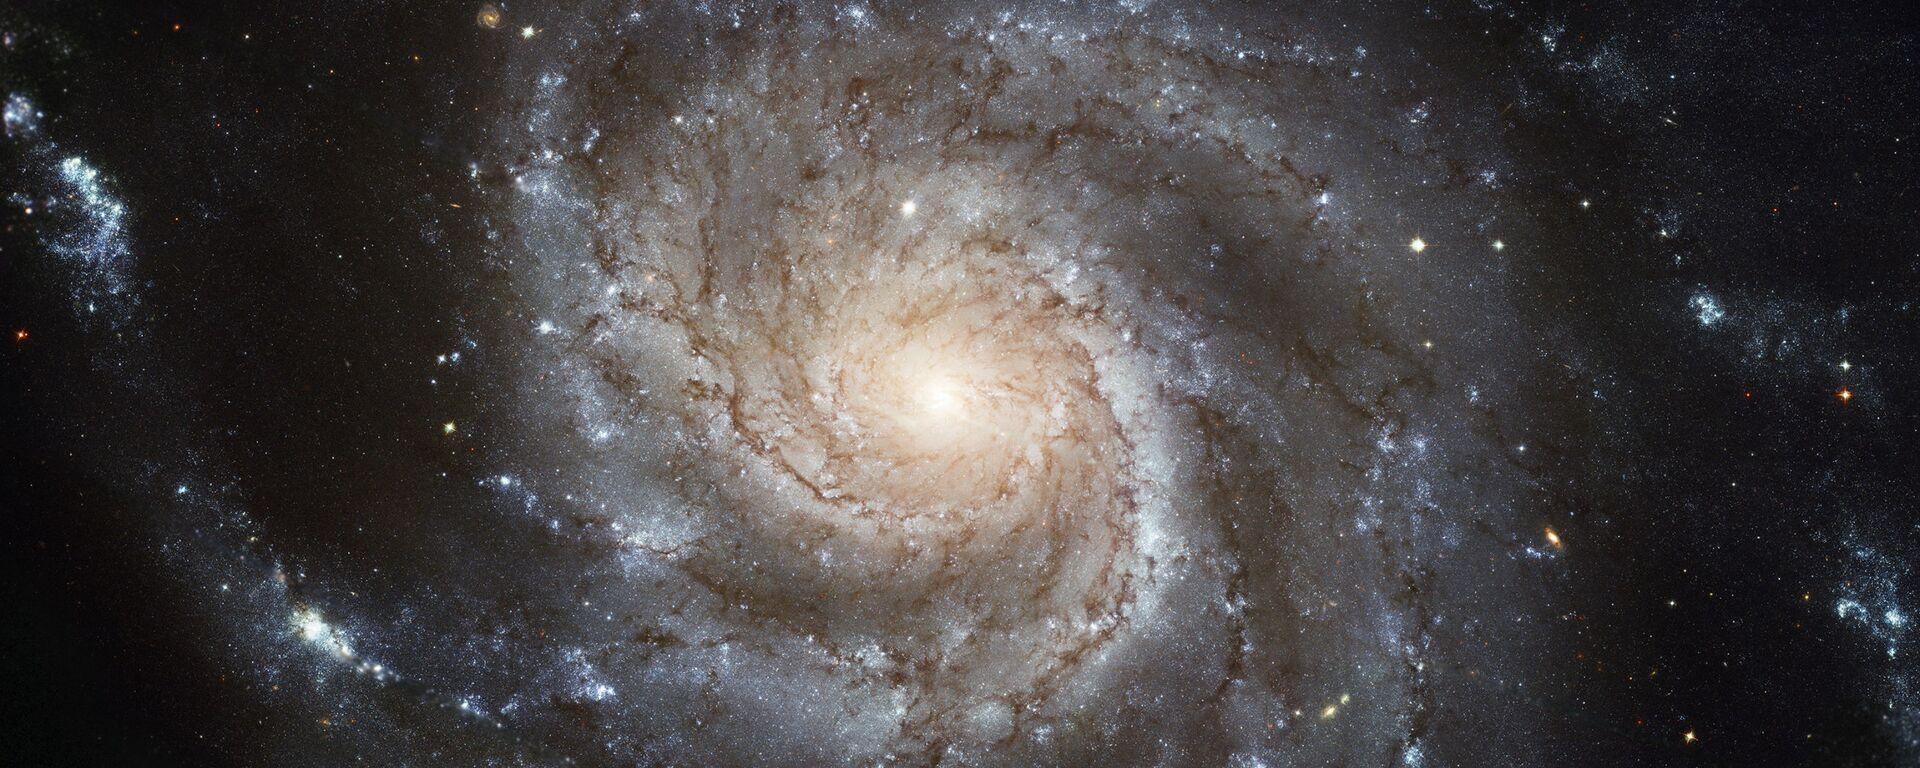 Galaxie Větrník – galaxie v souhvězdí Velké medvědice   - Sputnik Česká republika, 1920, 22.06.2021